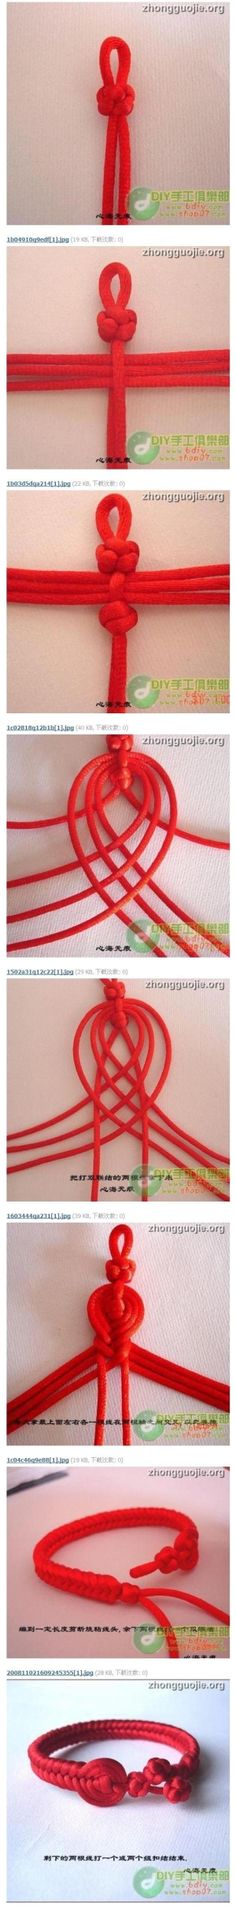 DIY Nó afortunado Pulseira DIY Sorte Knot Bracelet por diyforever